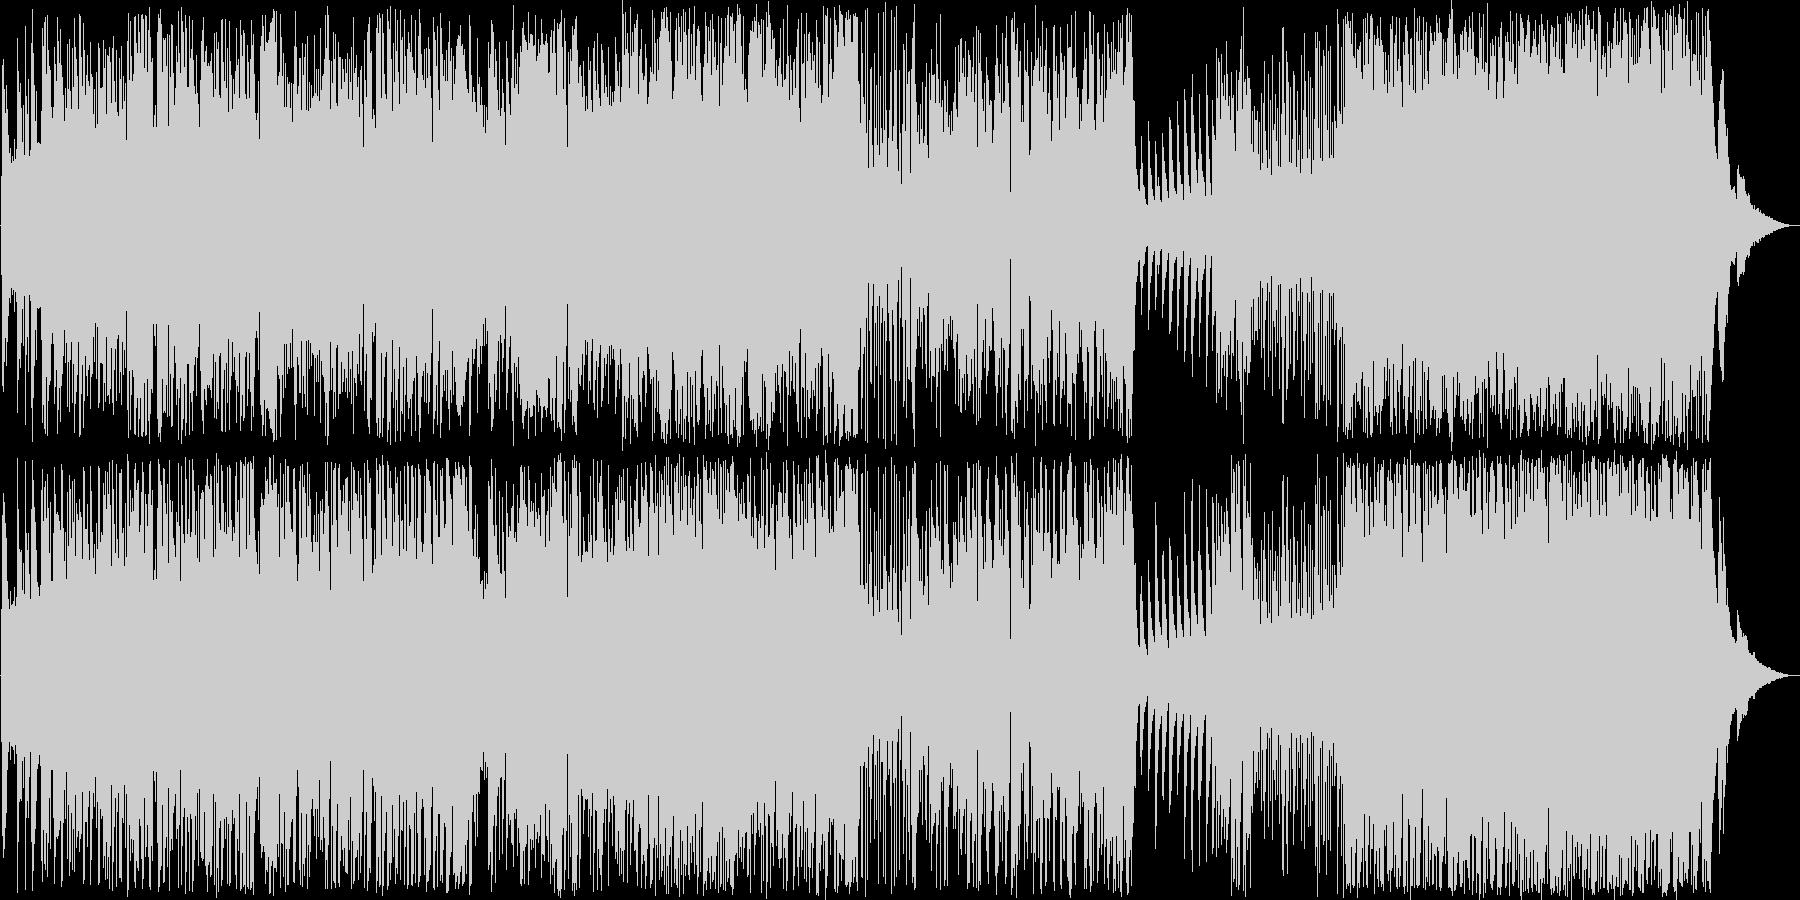 ポップなラテンジャズピアノ生演奏の未再生の波形